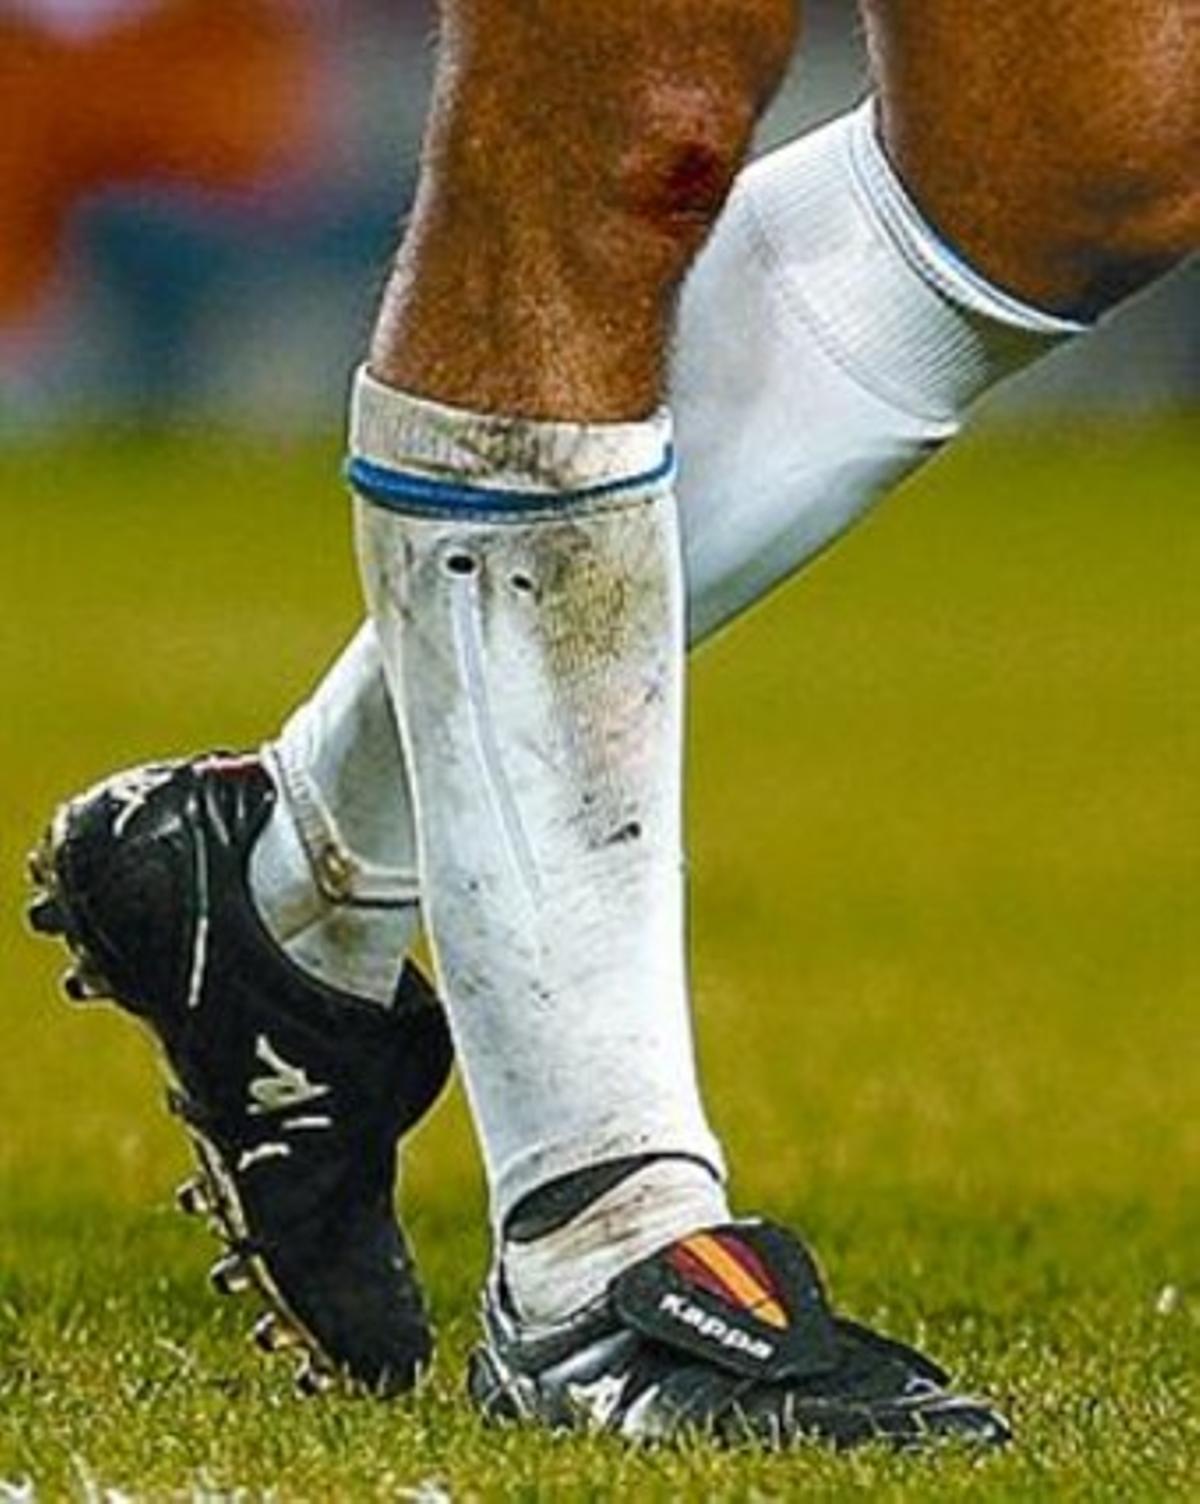 El exjugador aragonés llevaba la bandera de España en las botas.